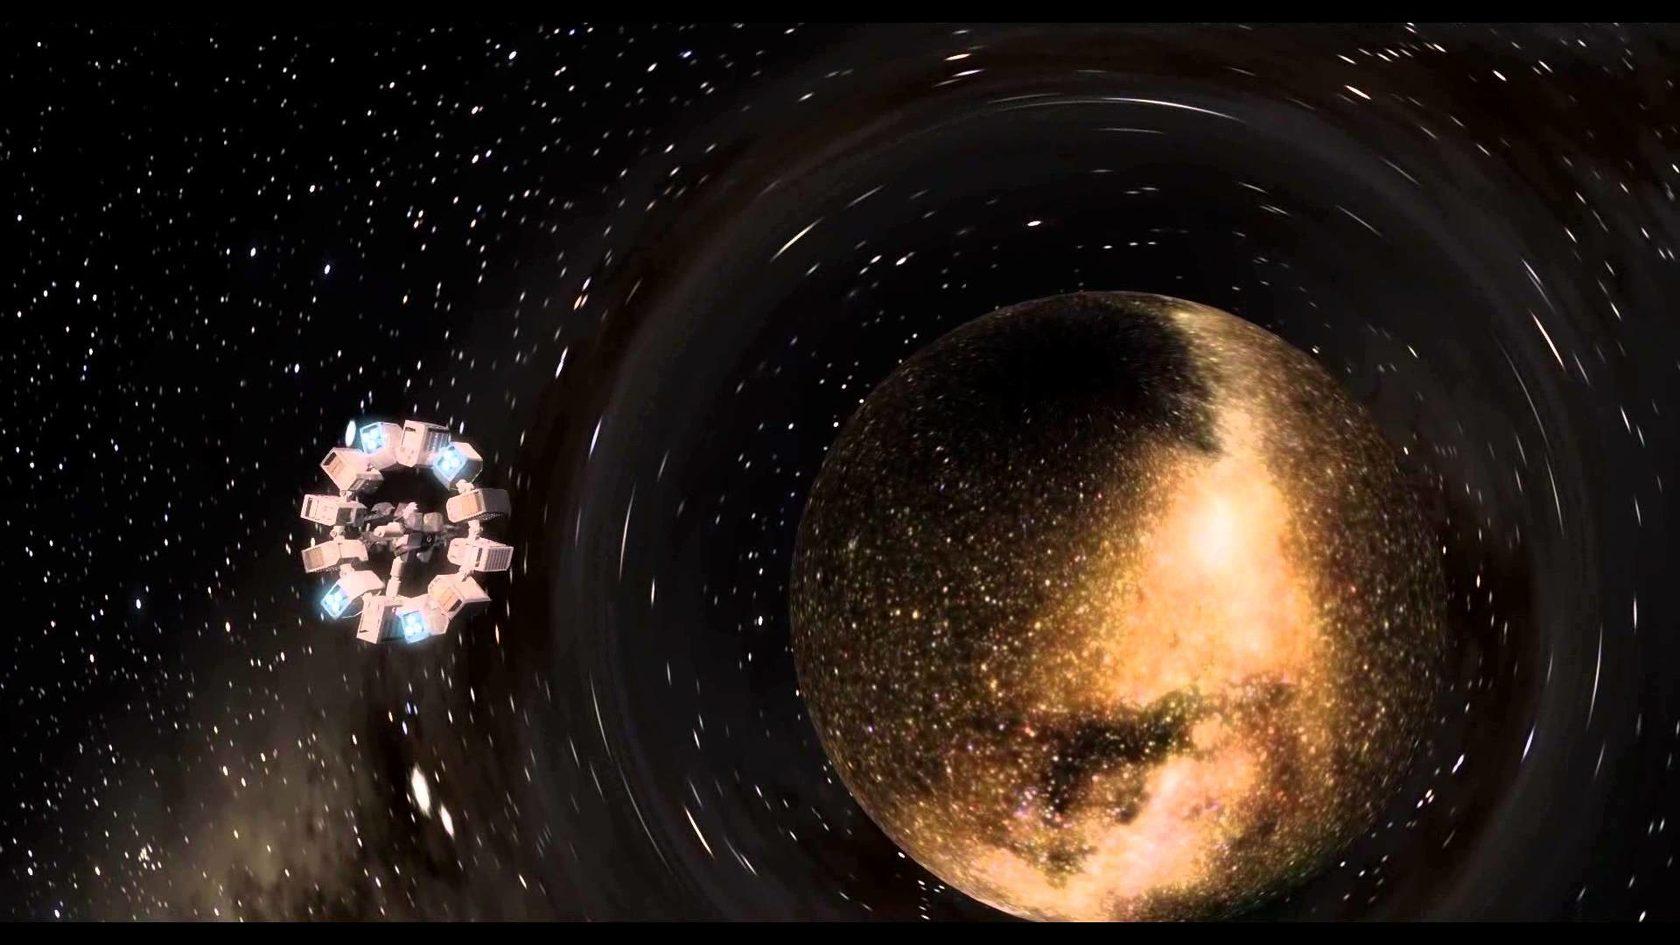 этой фото кротовых нор с телескопа в космосе установки, варианты